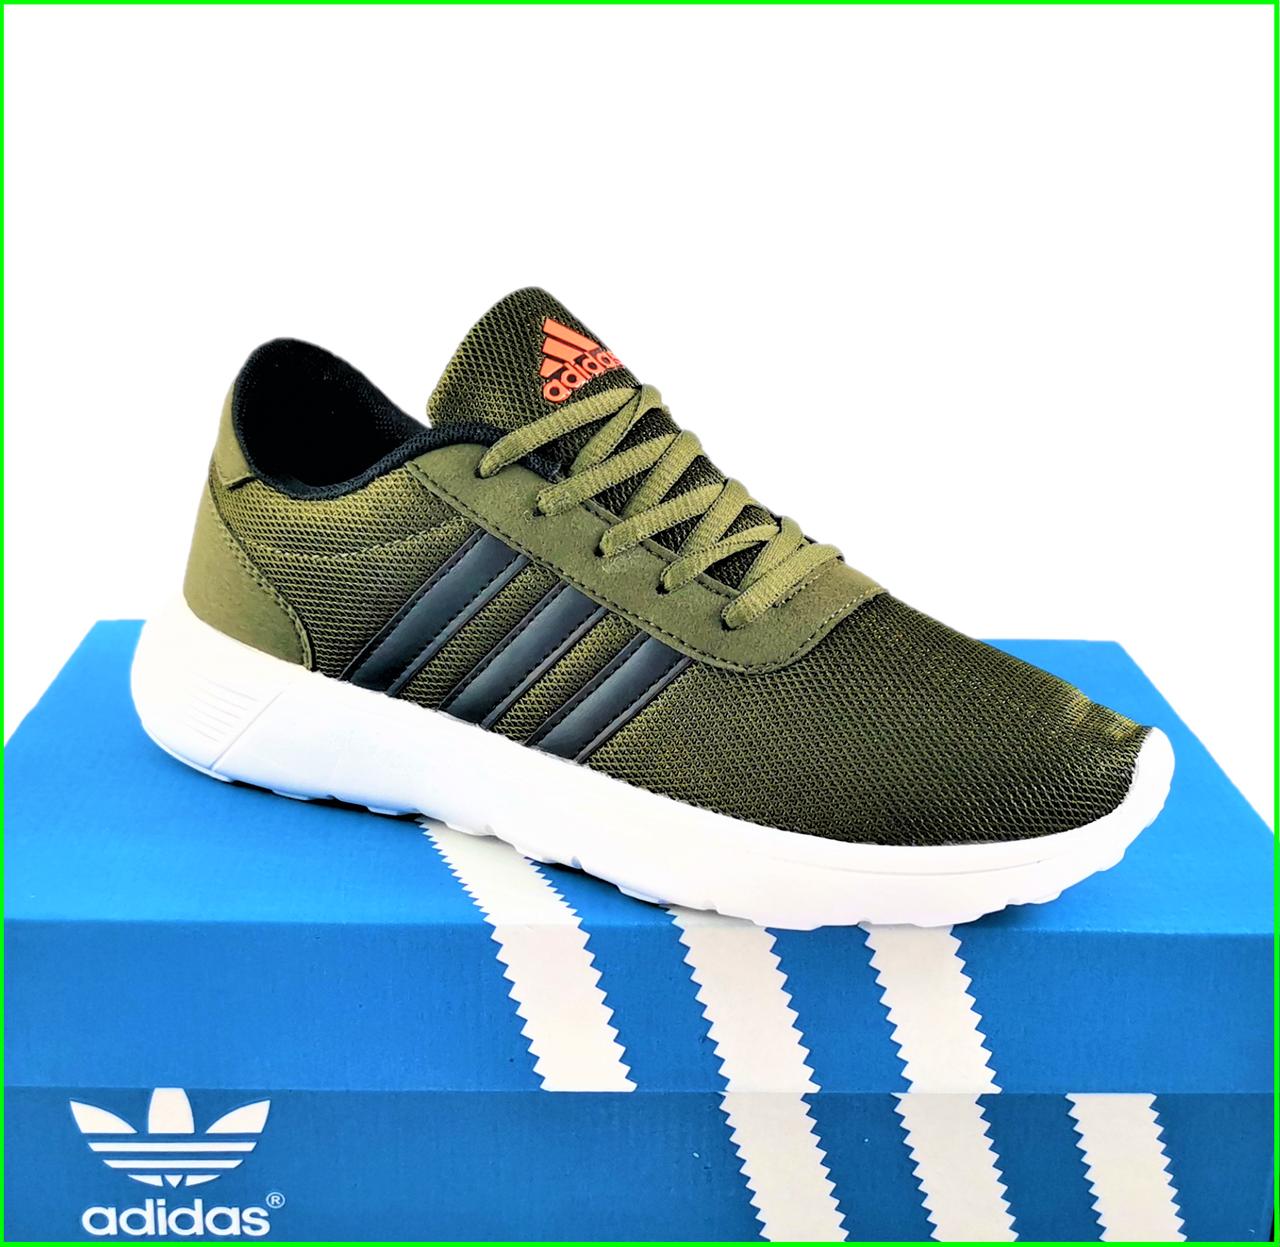 Кроссовки Adidas Мужские Зеленые Хаки Адидас BOOST (размеры: 41,42,43,44,45) Видео Обзор